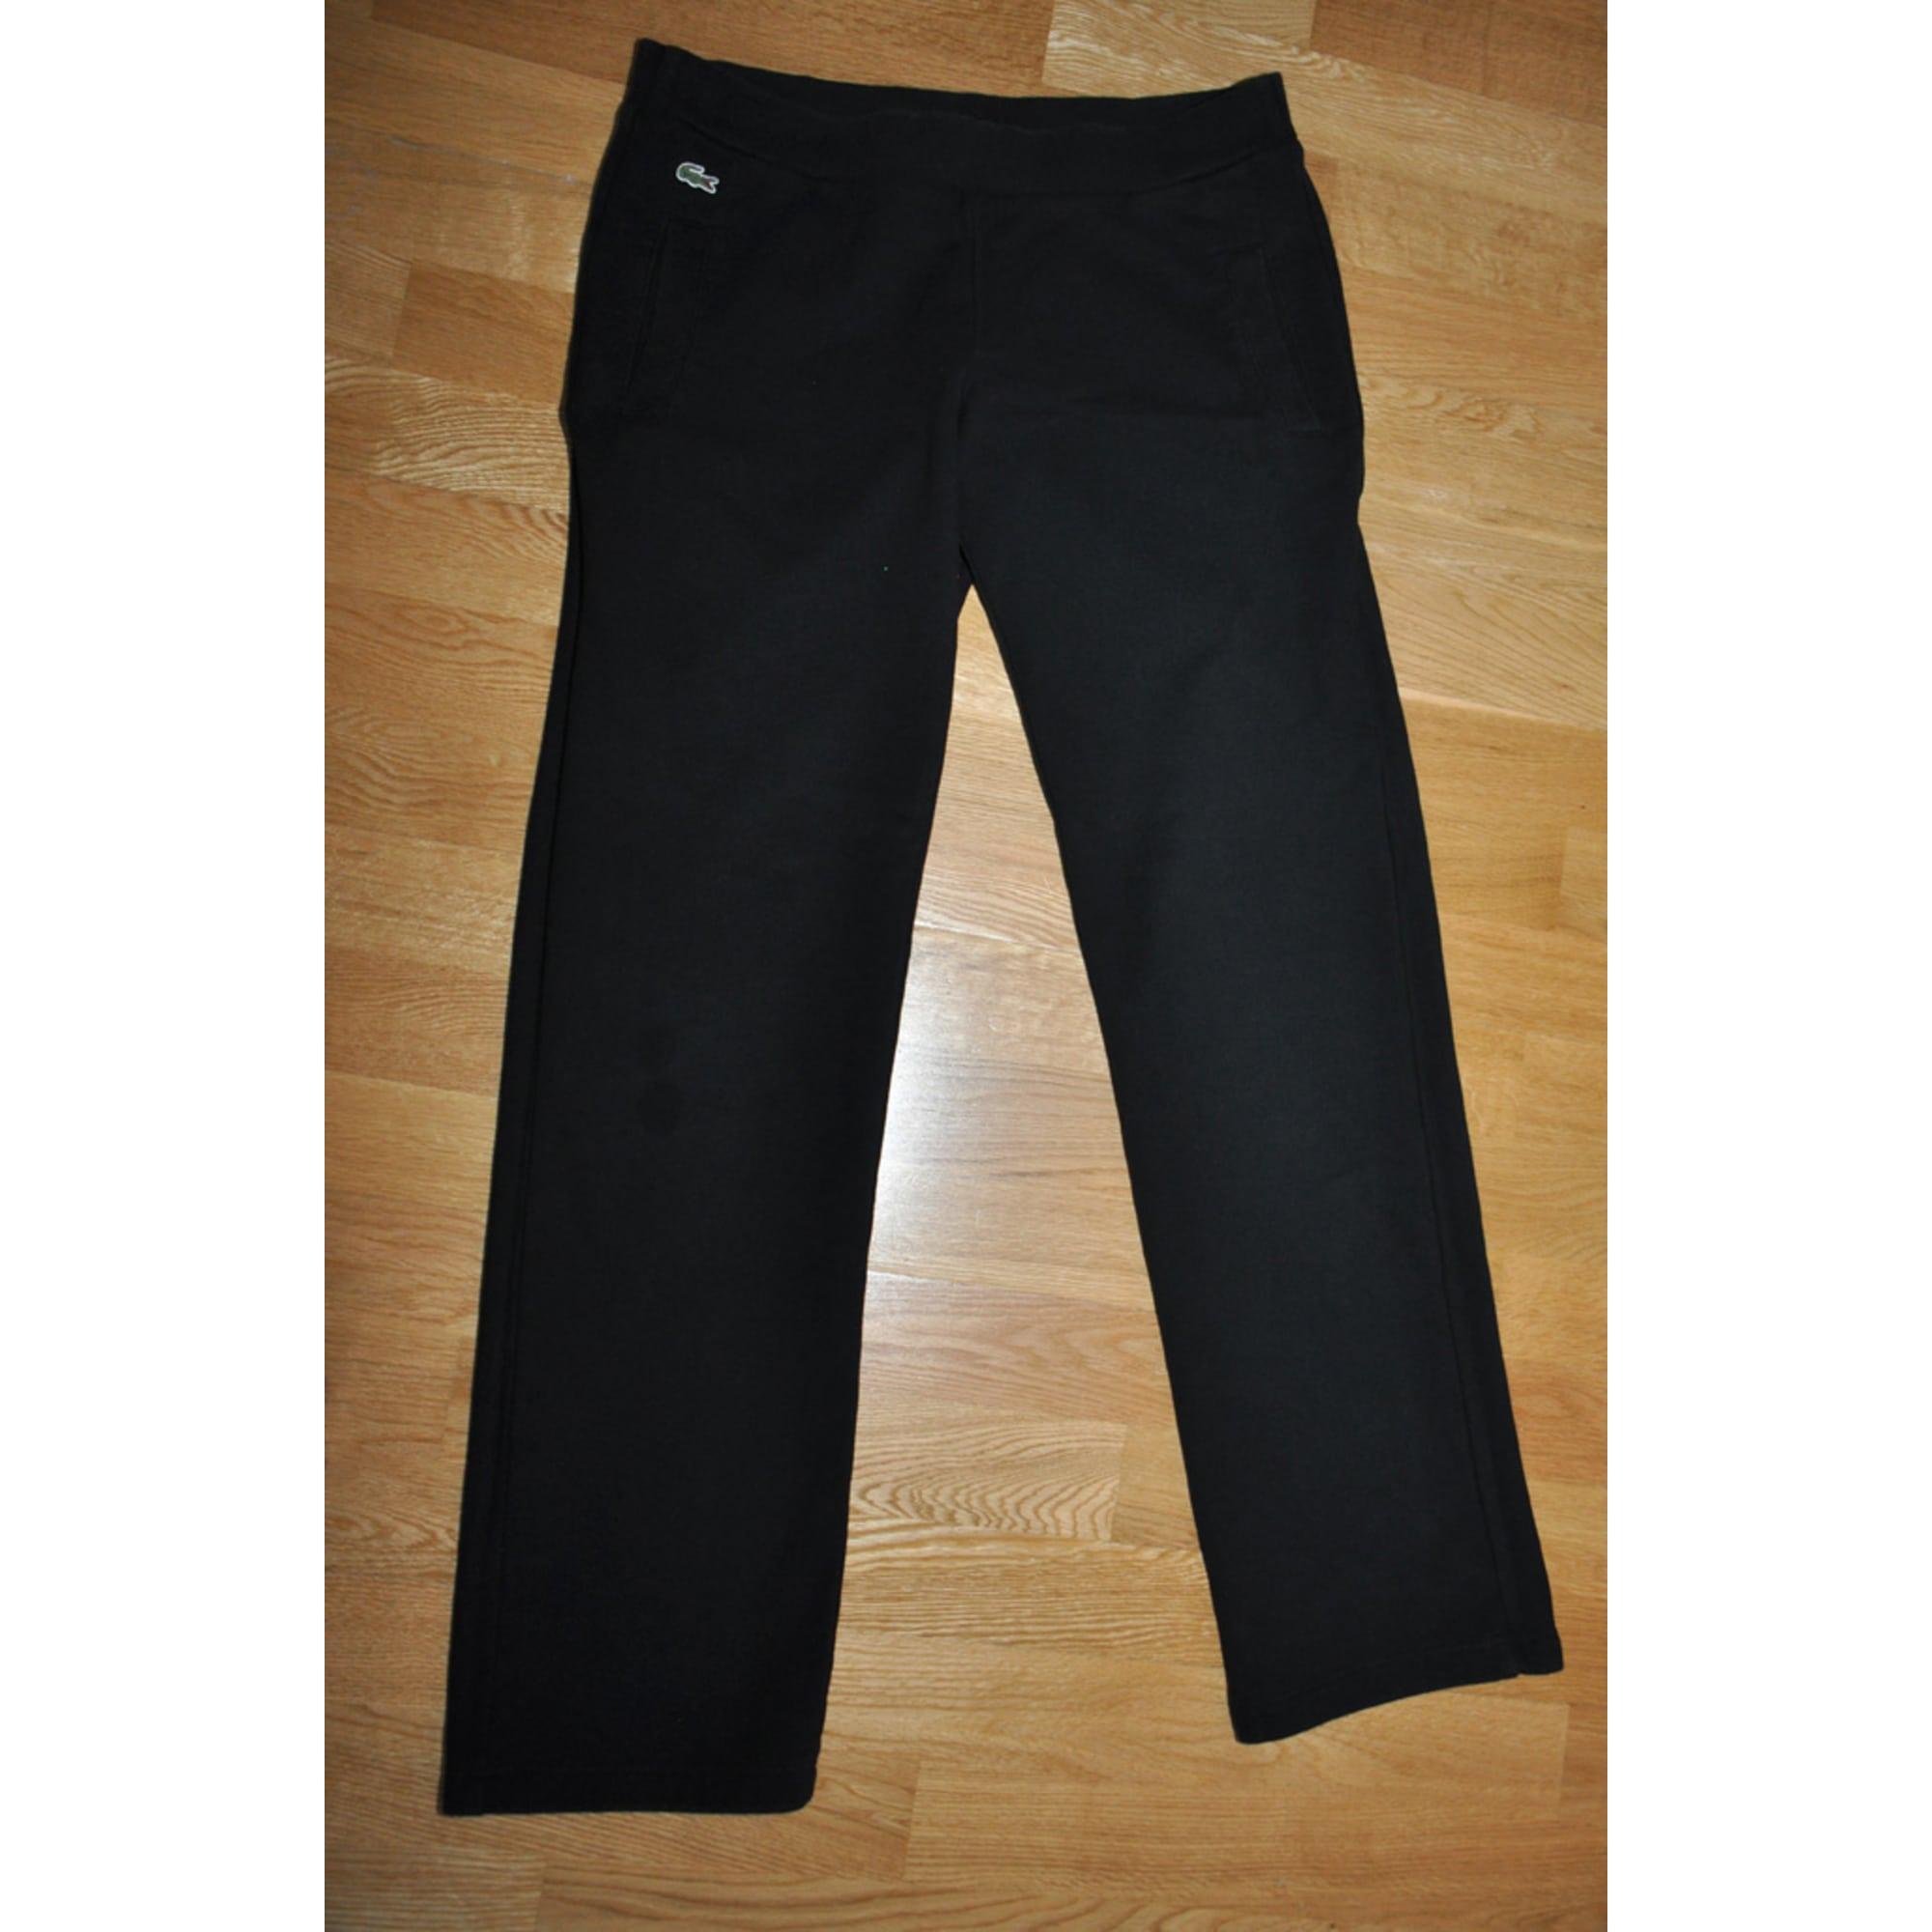 1cf56d77c5 Pantalon de survêtement LACOSTE 44 (XL/XXL, T5) noir - 6154540